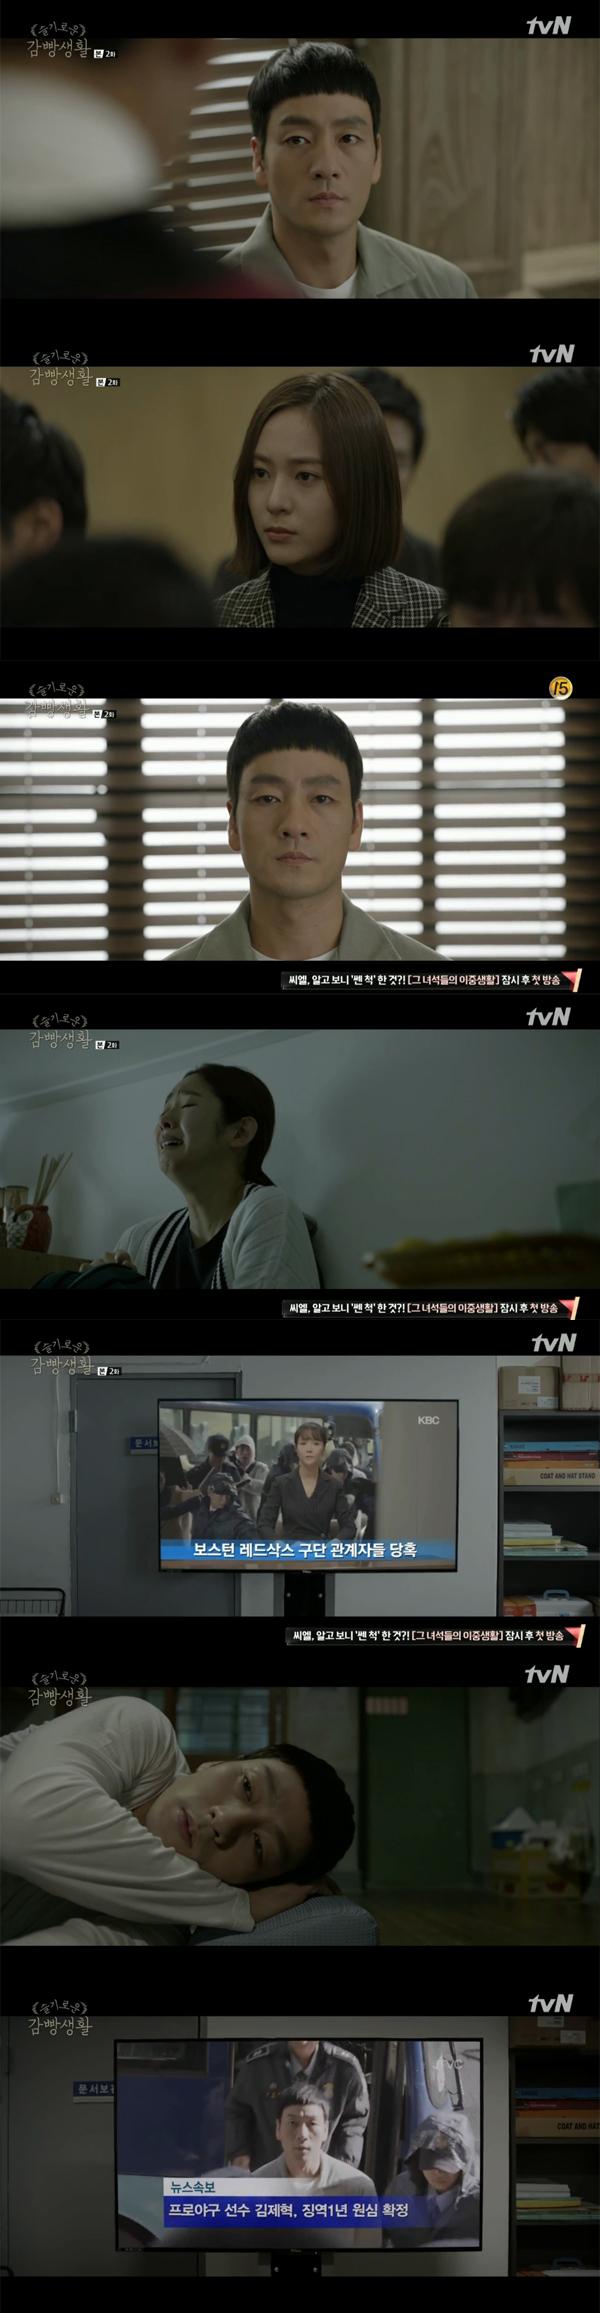 ▲'슬기로운감빵생활' 2회 캡처(사진=tvN)